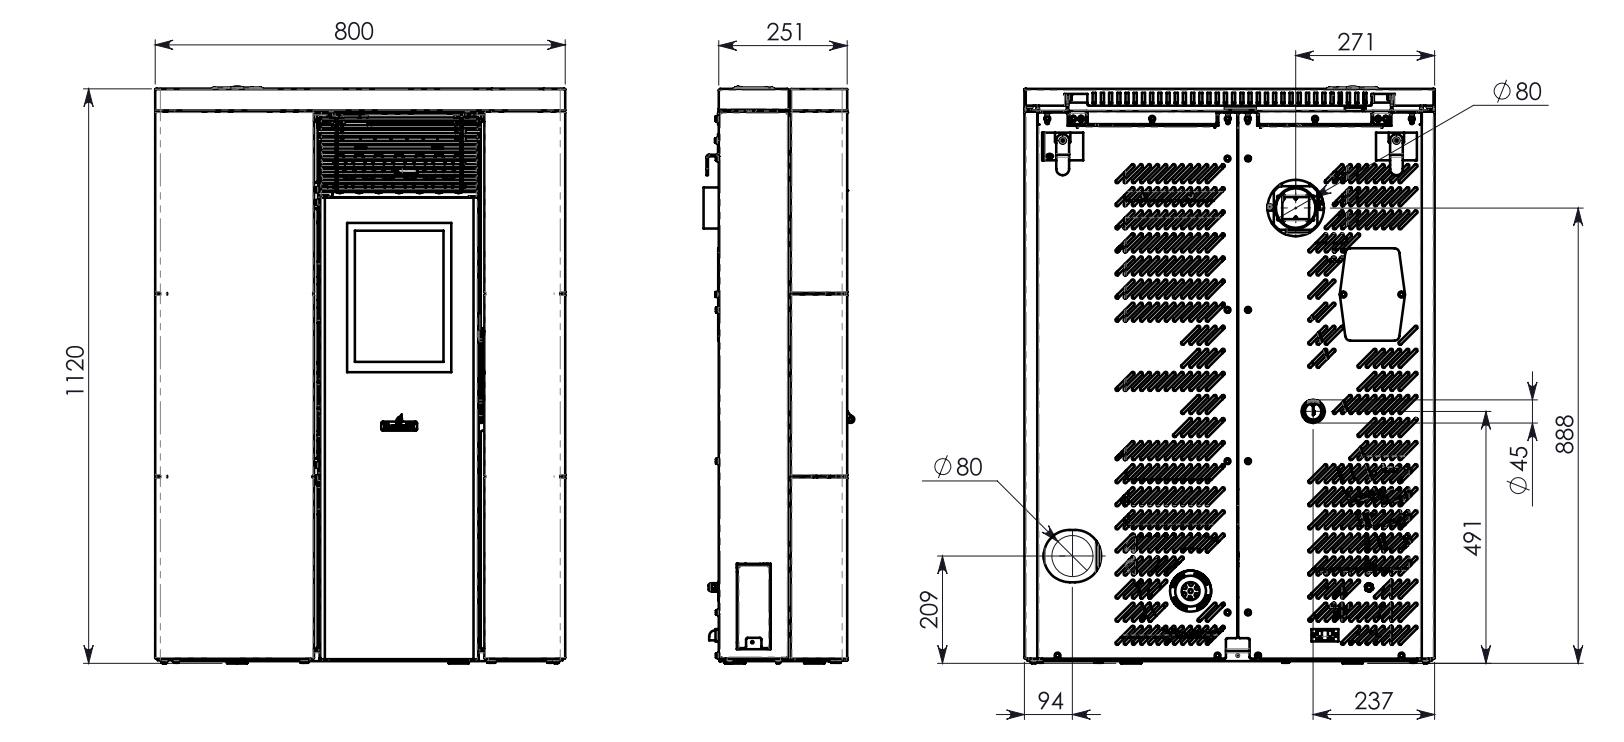 Stufa a pellet canalizzata stretta slim corridoio 8kw - Art 16 bis tuir causale bonifico ...